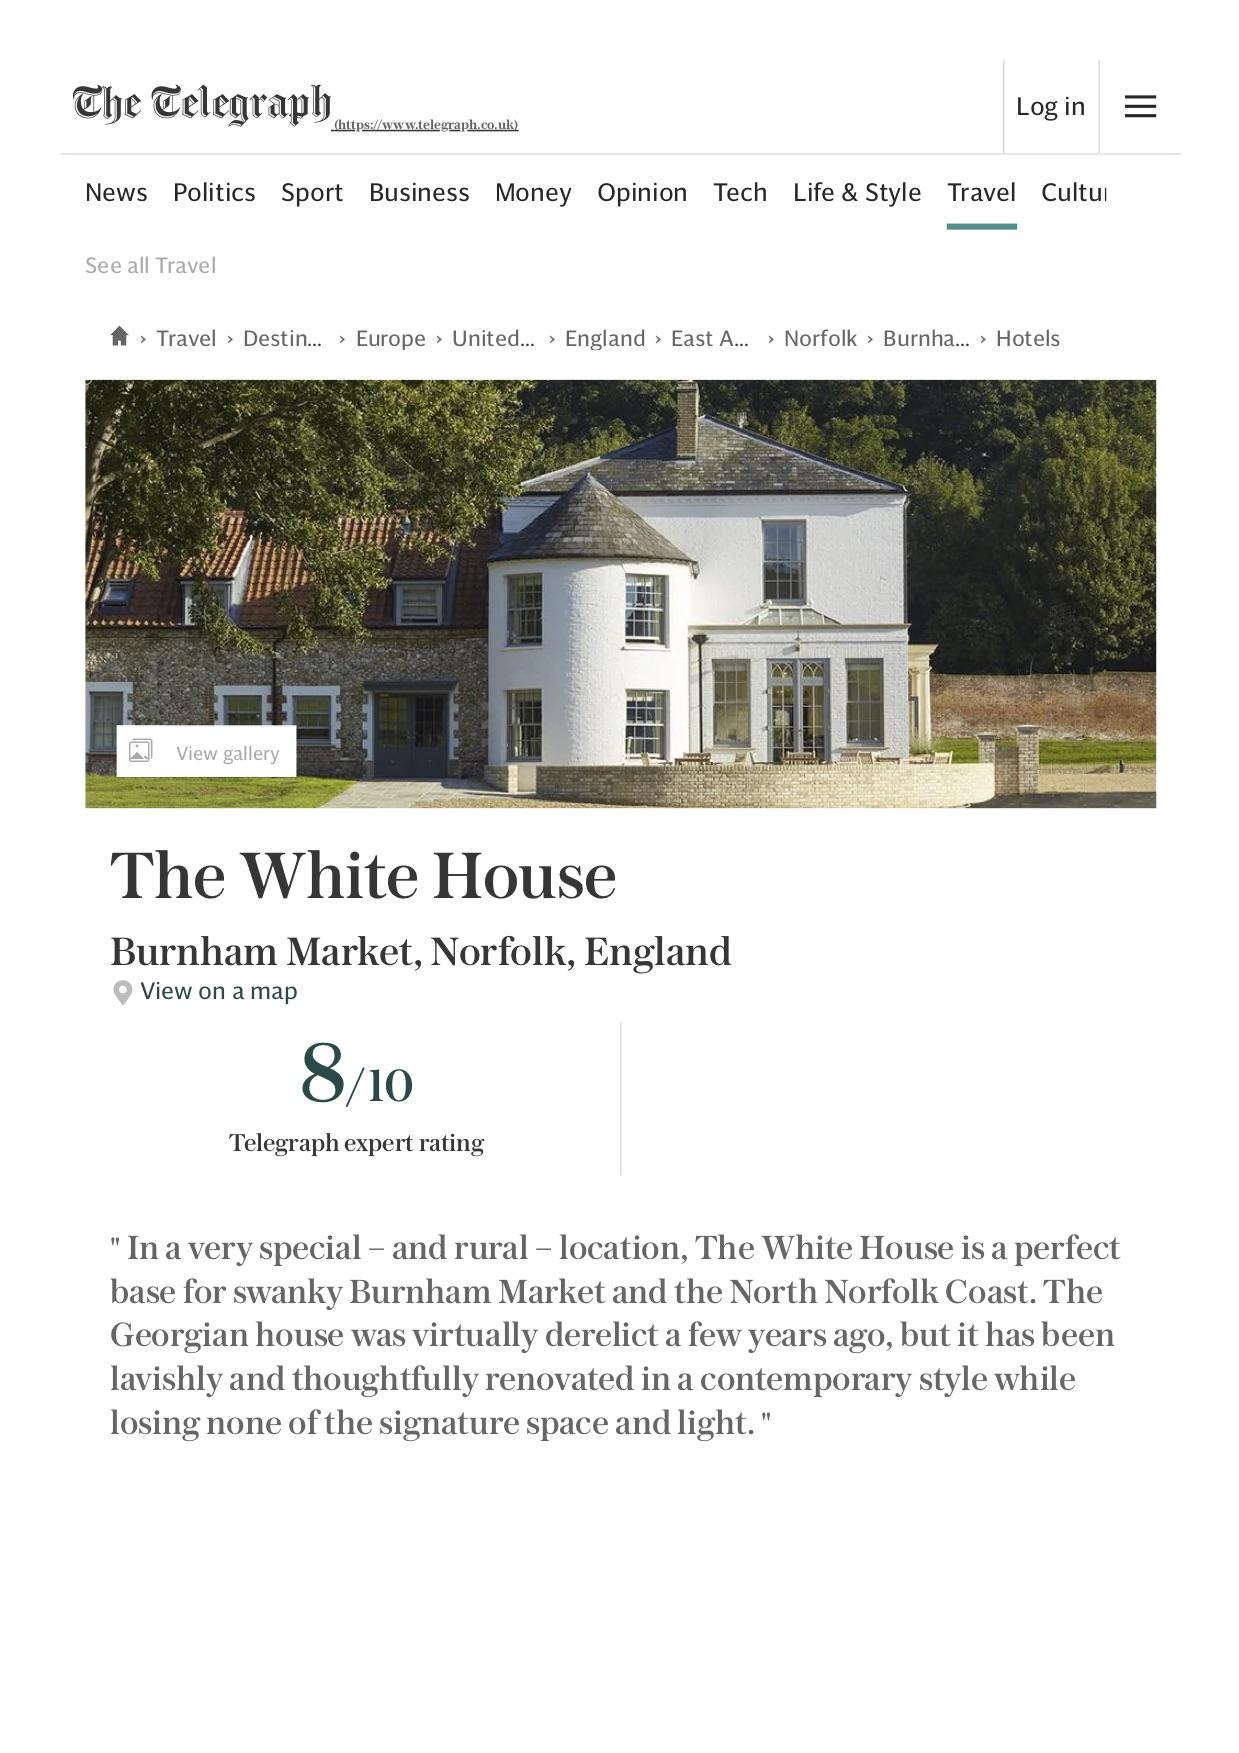 The White House Hotel Review, Burnham Market, Norfolk _ Telegraph Travel.jpg